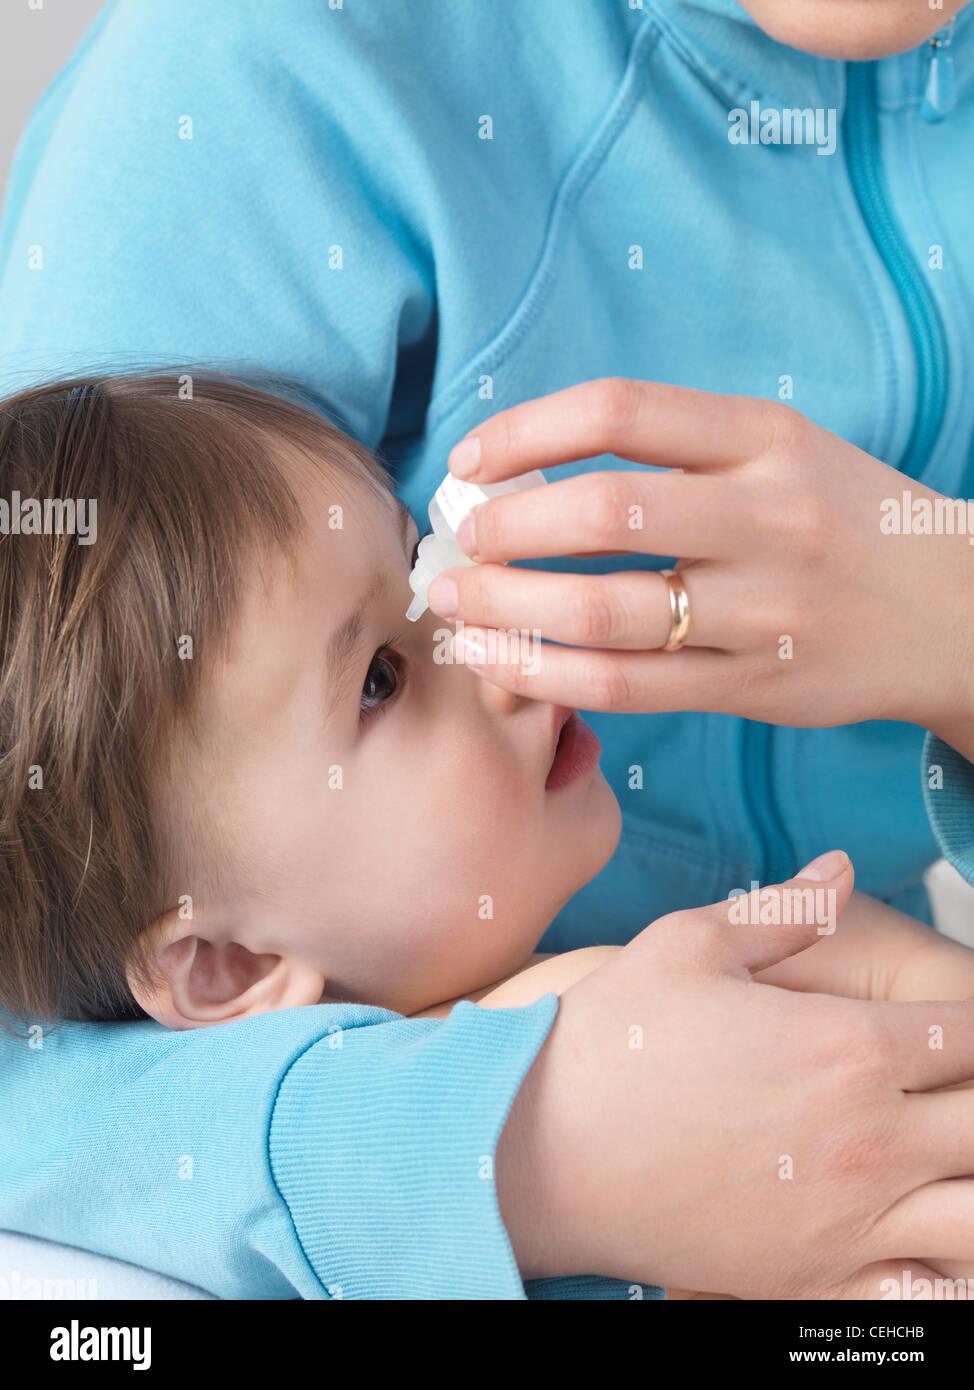 Mutter gibt ihr zwei Jahre altes Kind Augentropfen Stockfoto, Bild ...